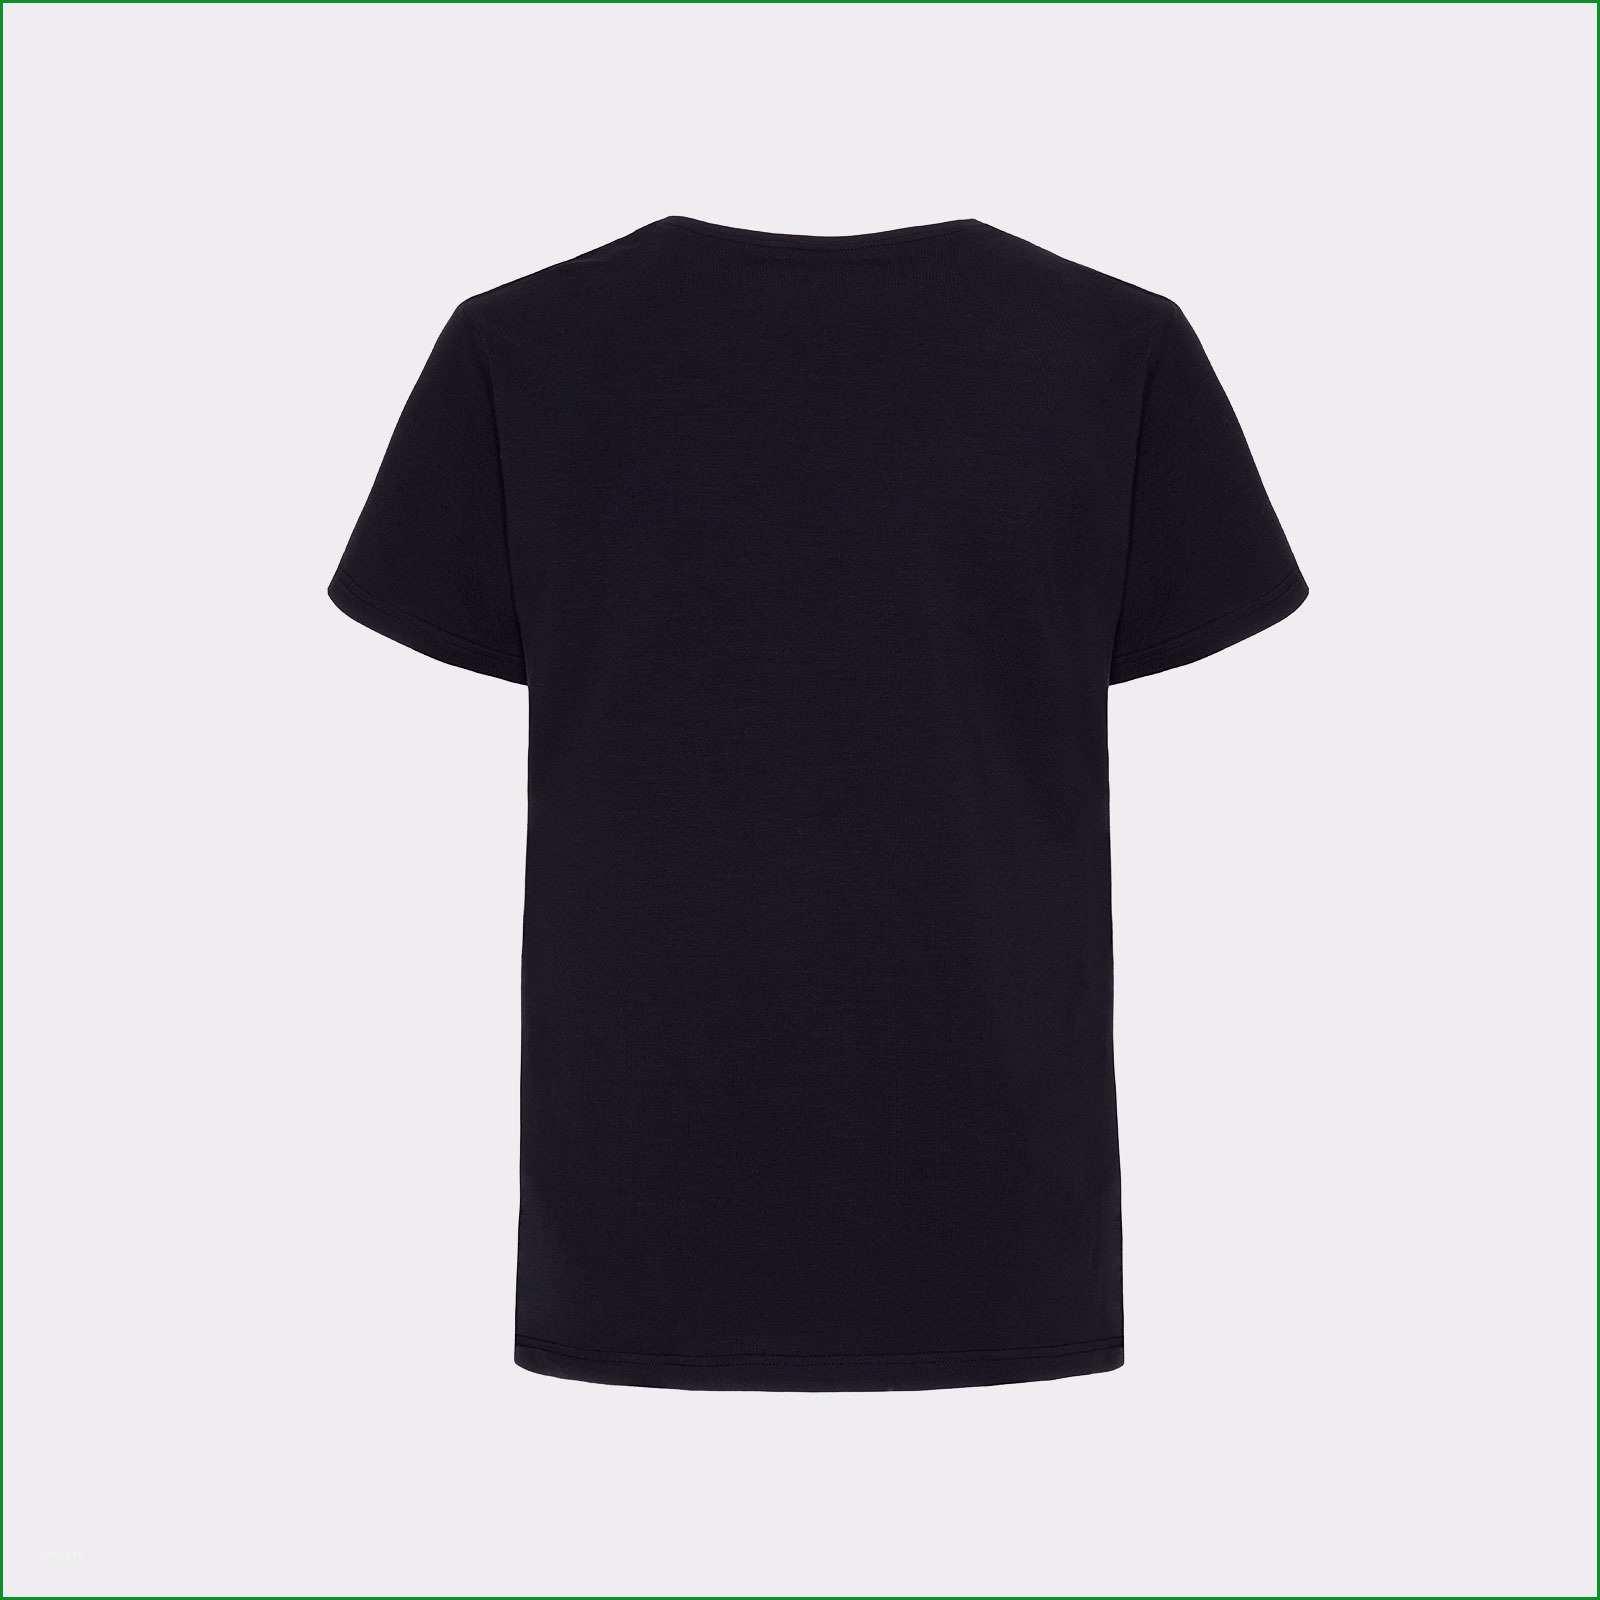 t shirt schwarz tasche vollprint weiss esthetique 2017